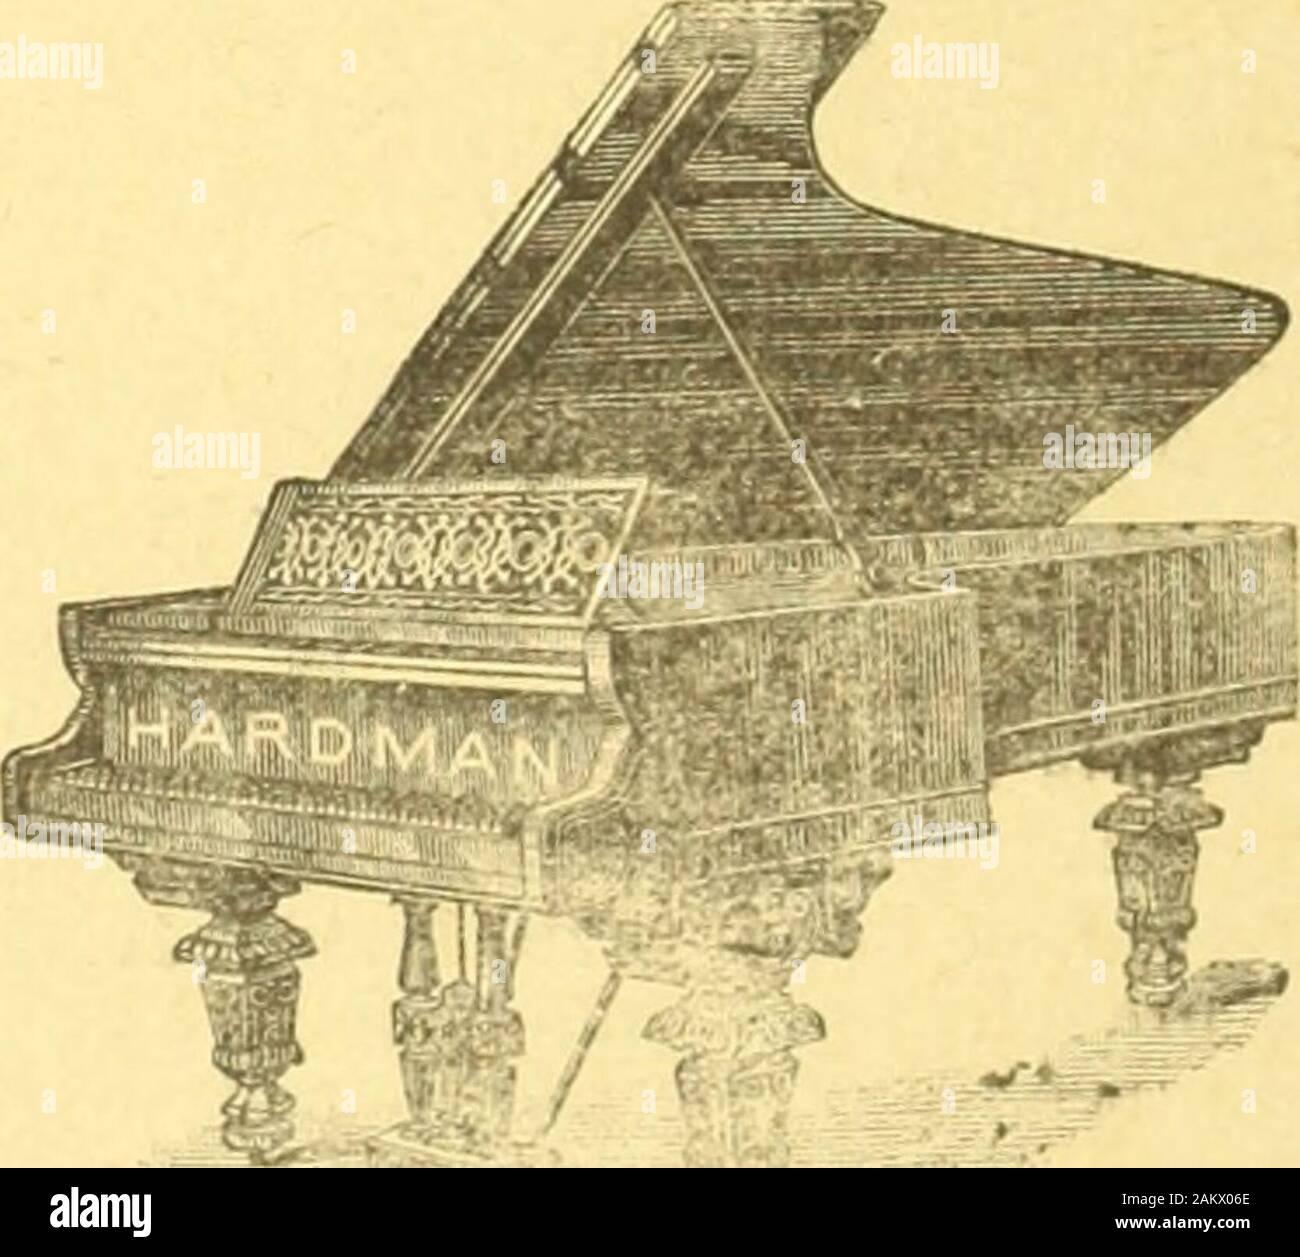 Piano Avec Four Gaz cartier stock photos & cartier stock images - page 8 - alamy